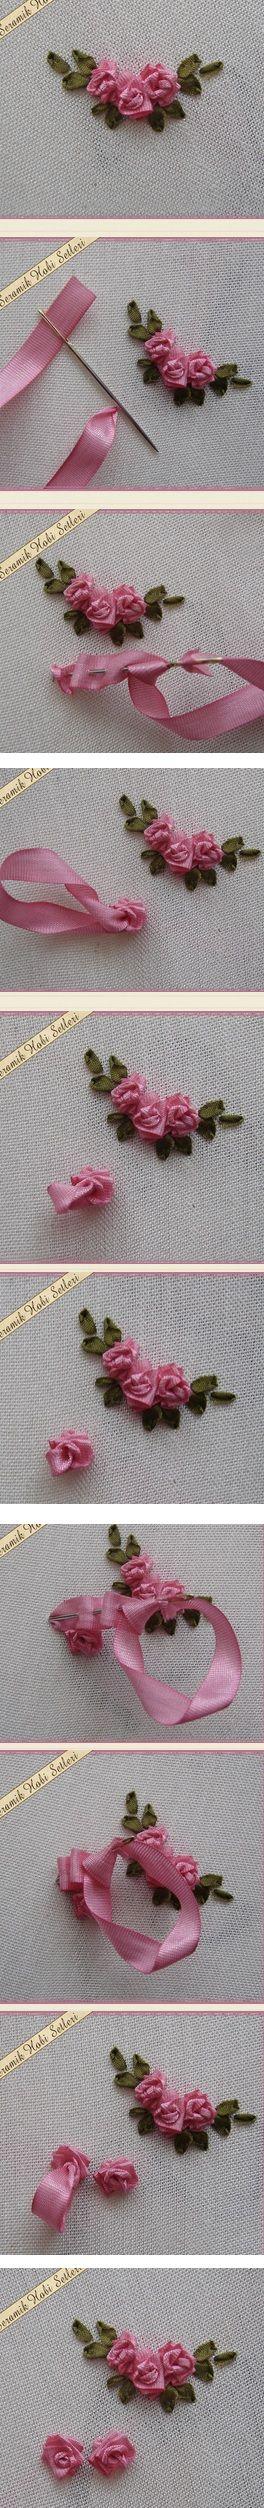 Pequeninas rosas